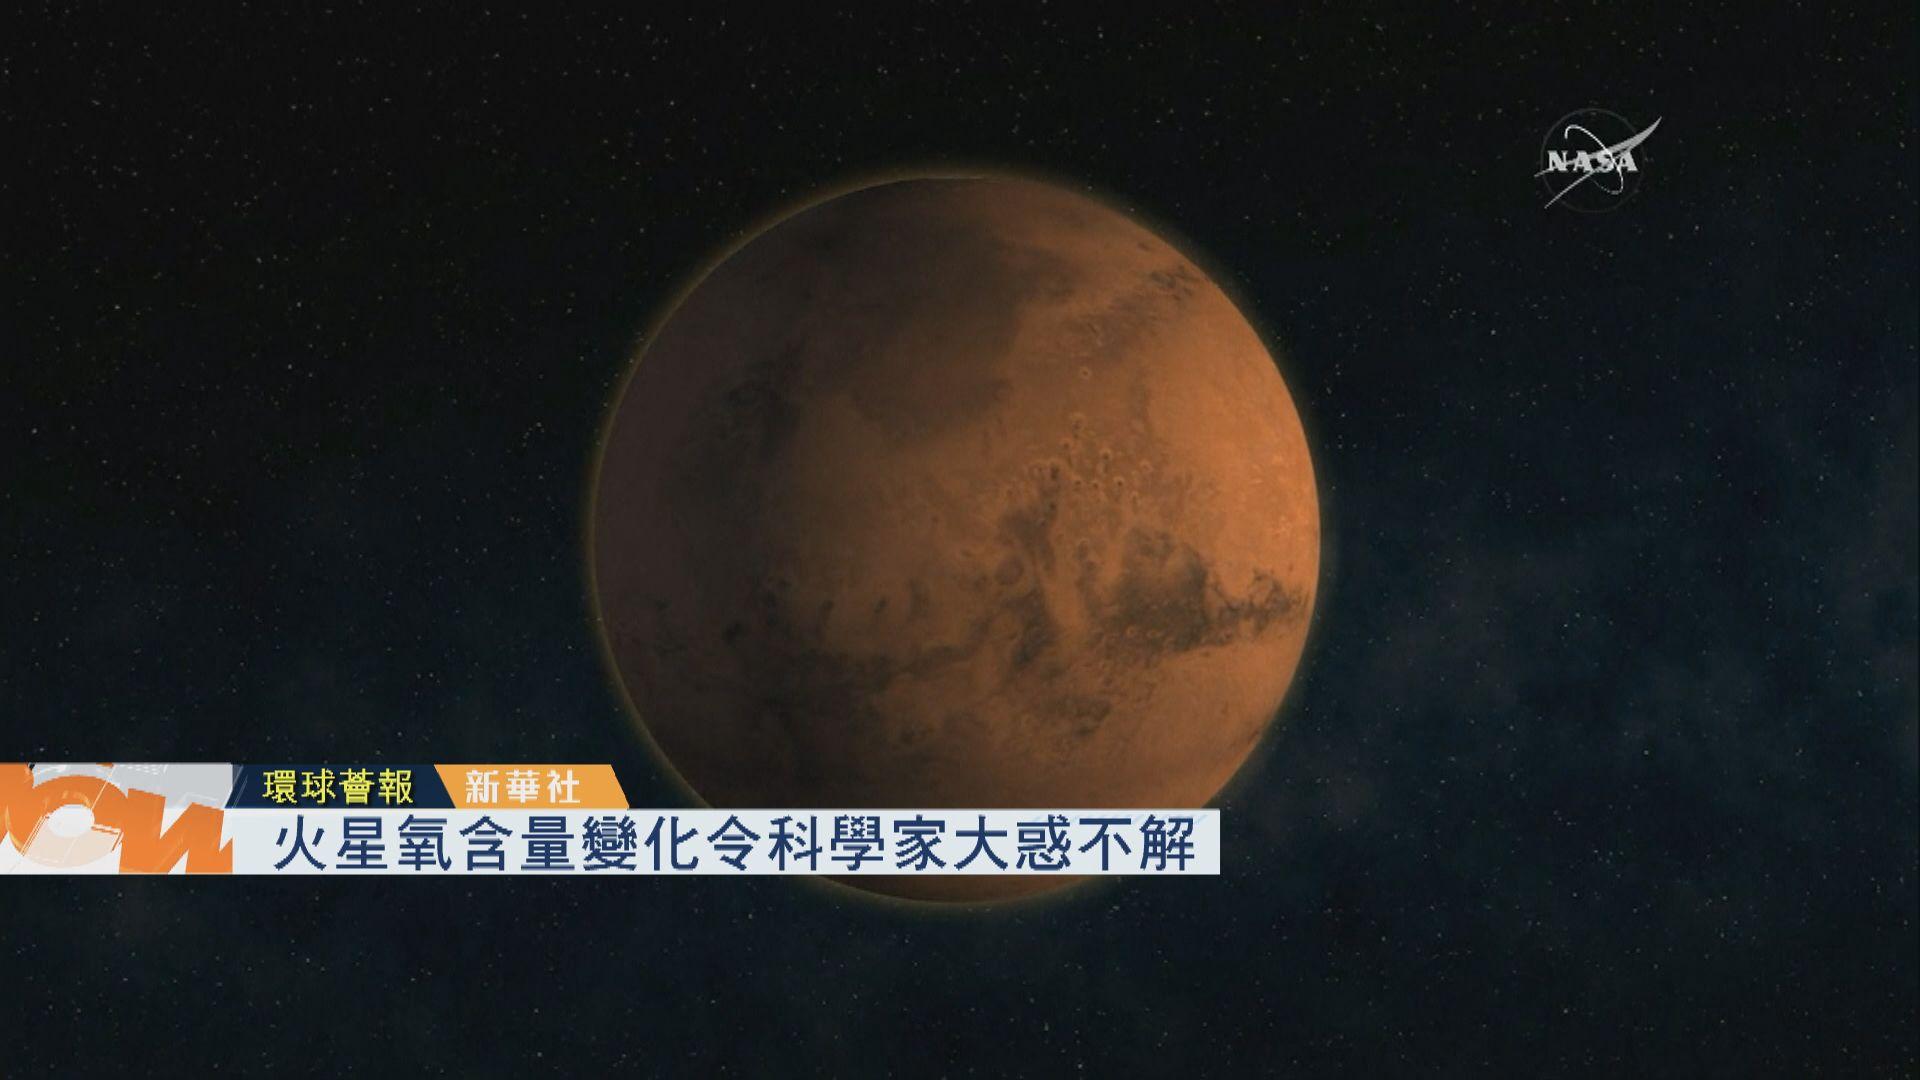 【環球薈報】火星氧含量變化令科學家大惑不解